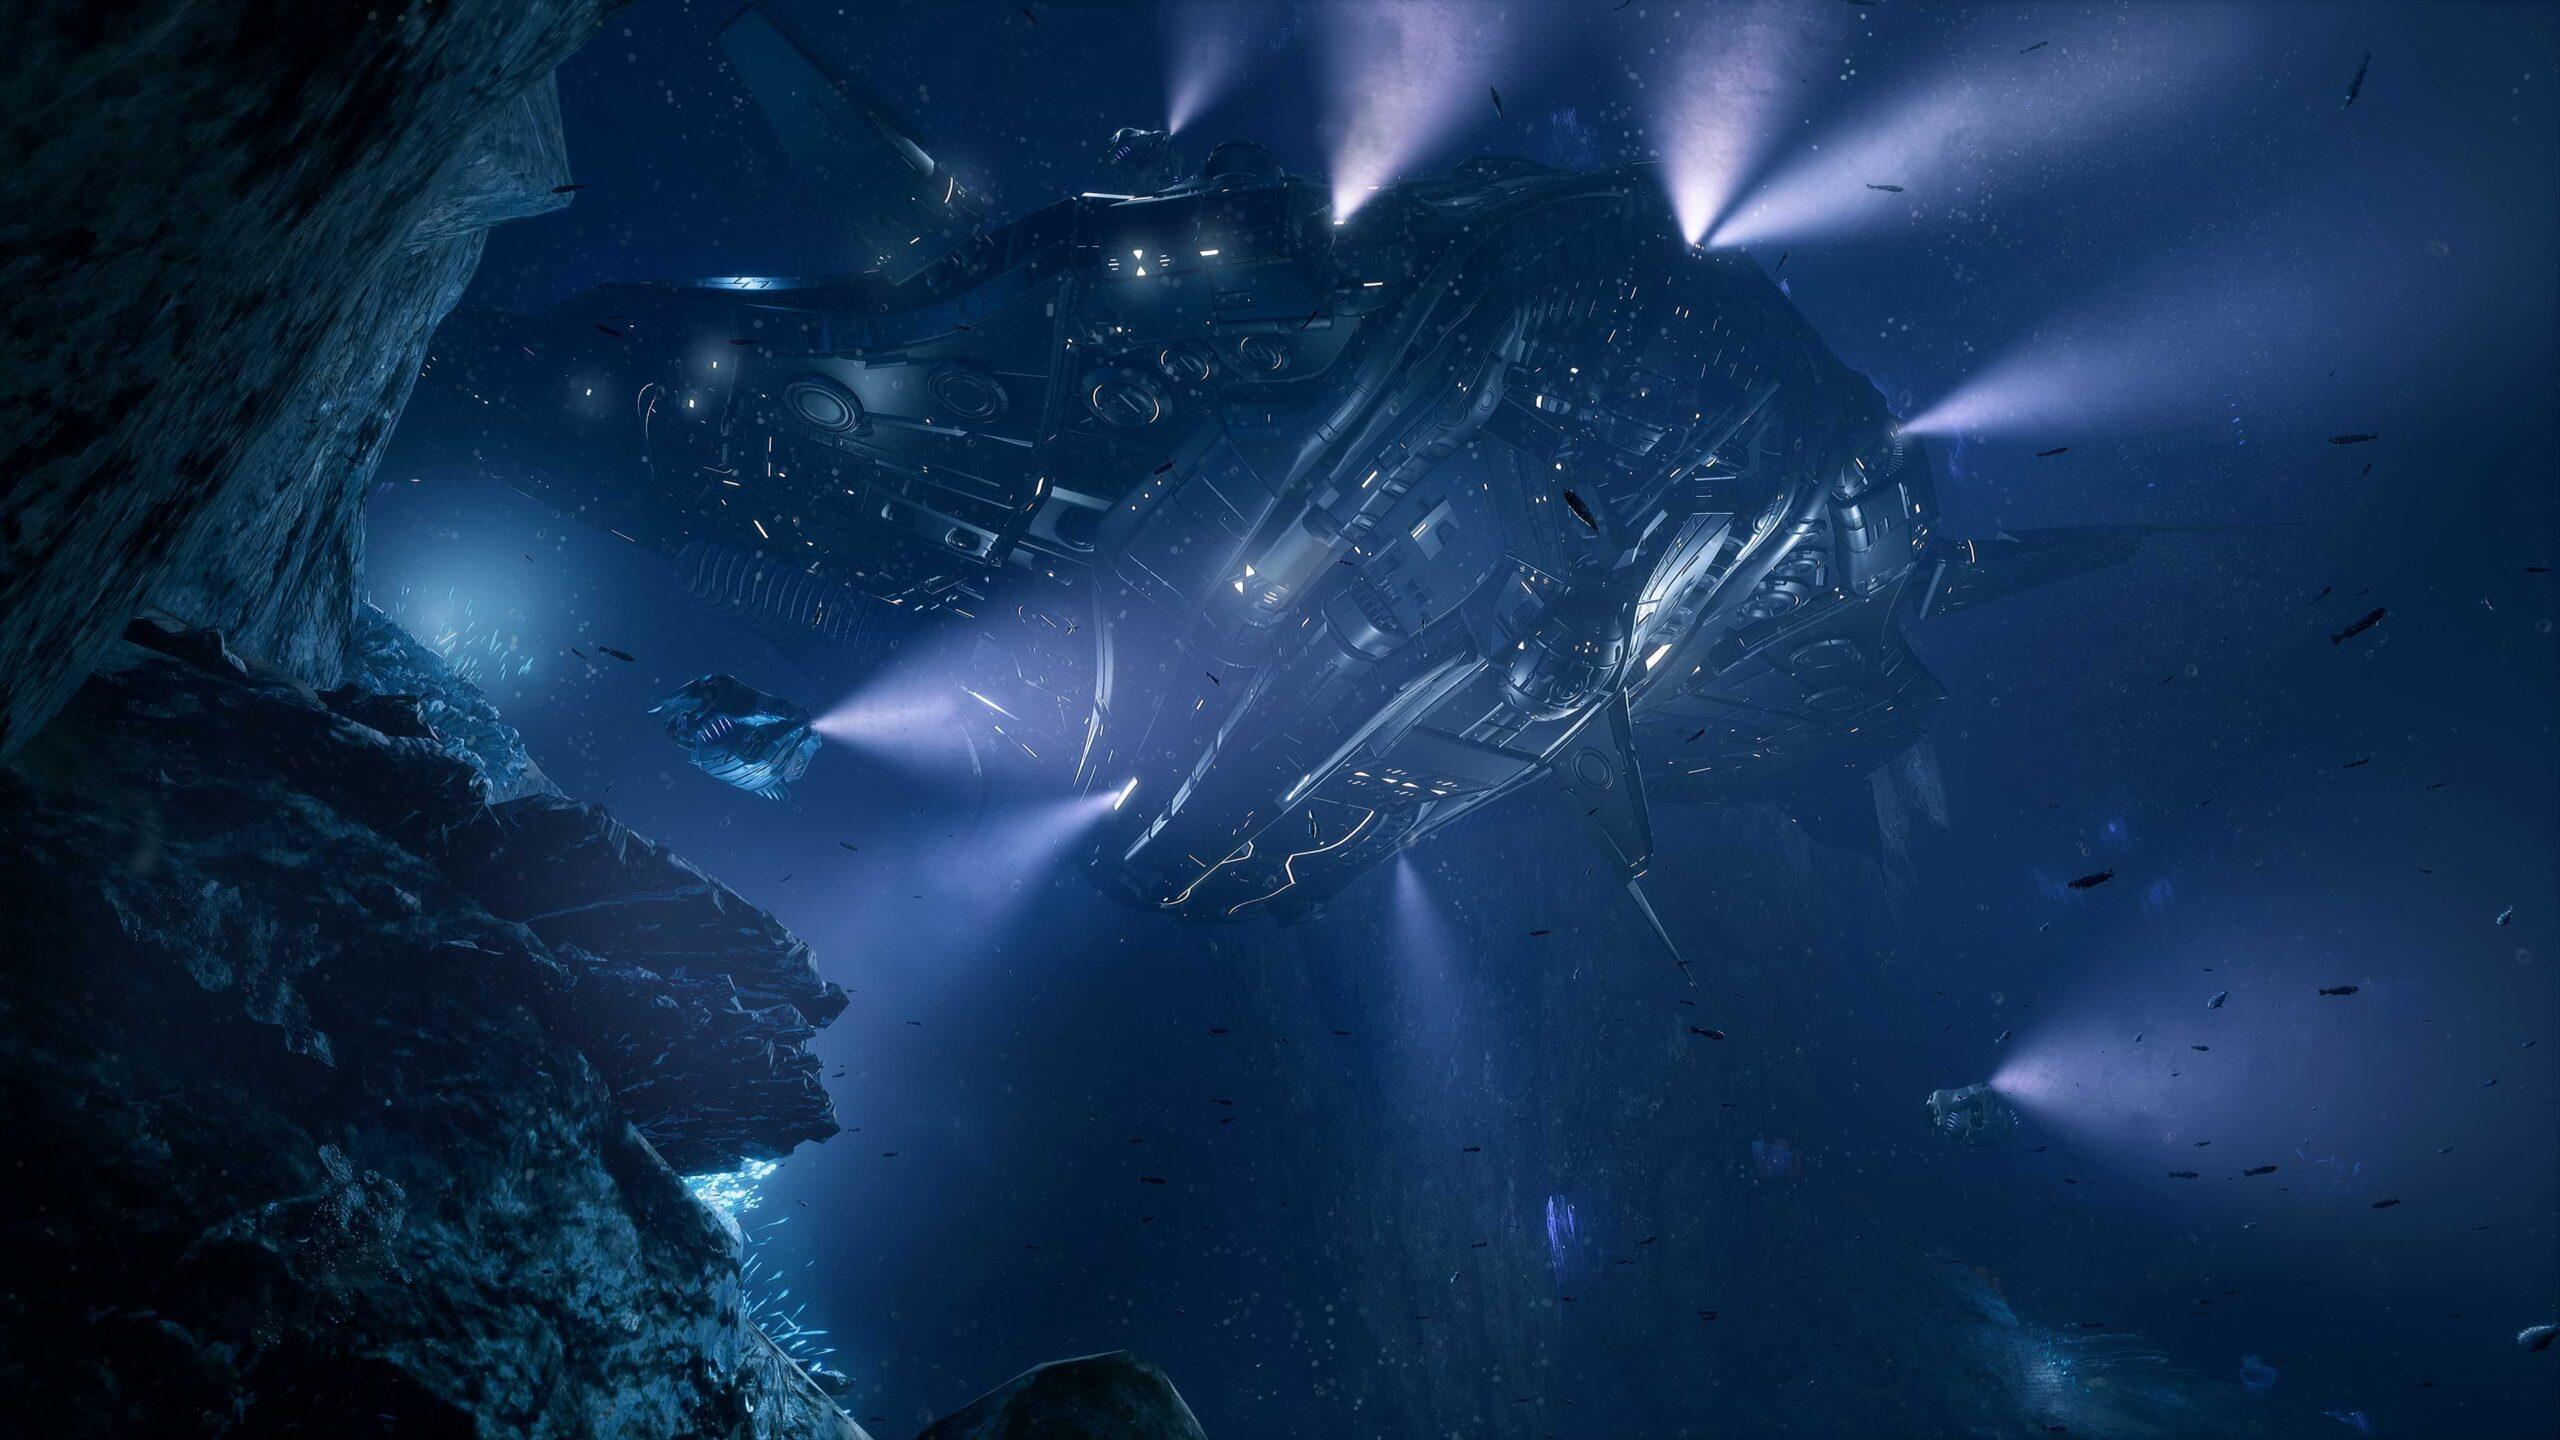 Aquanox Deep Descent - Mother